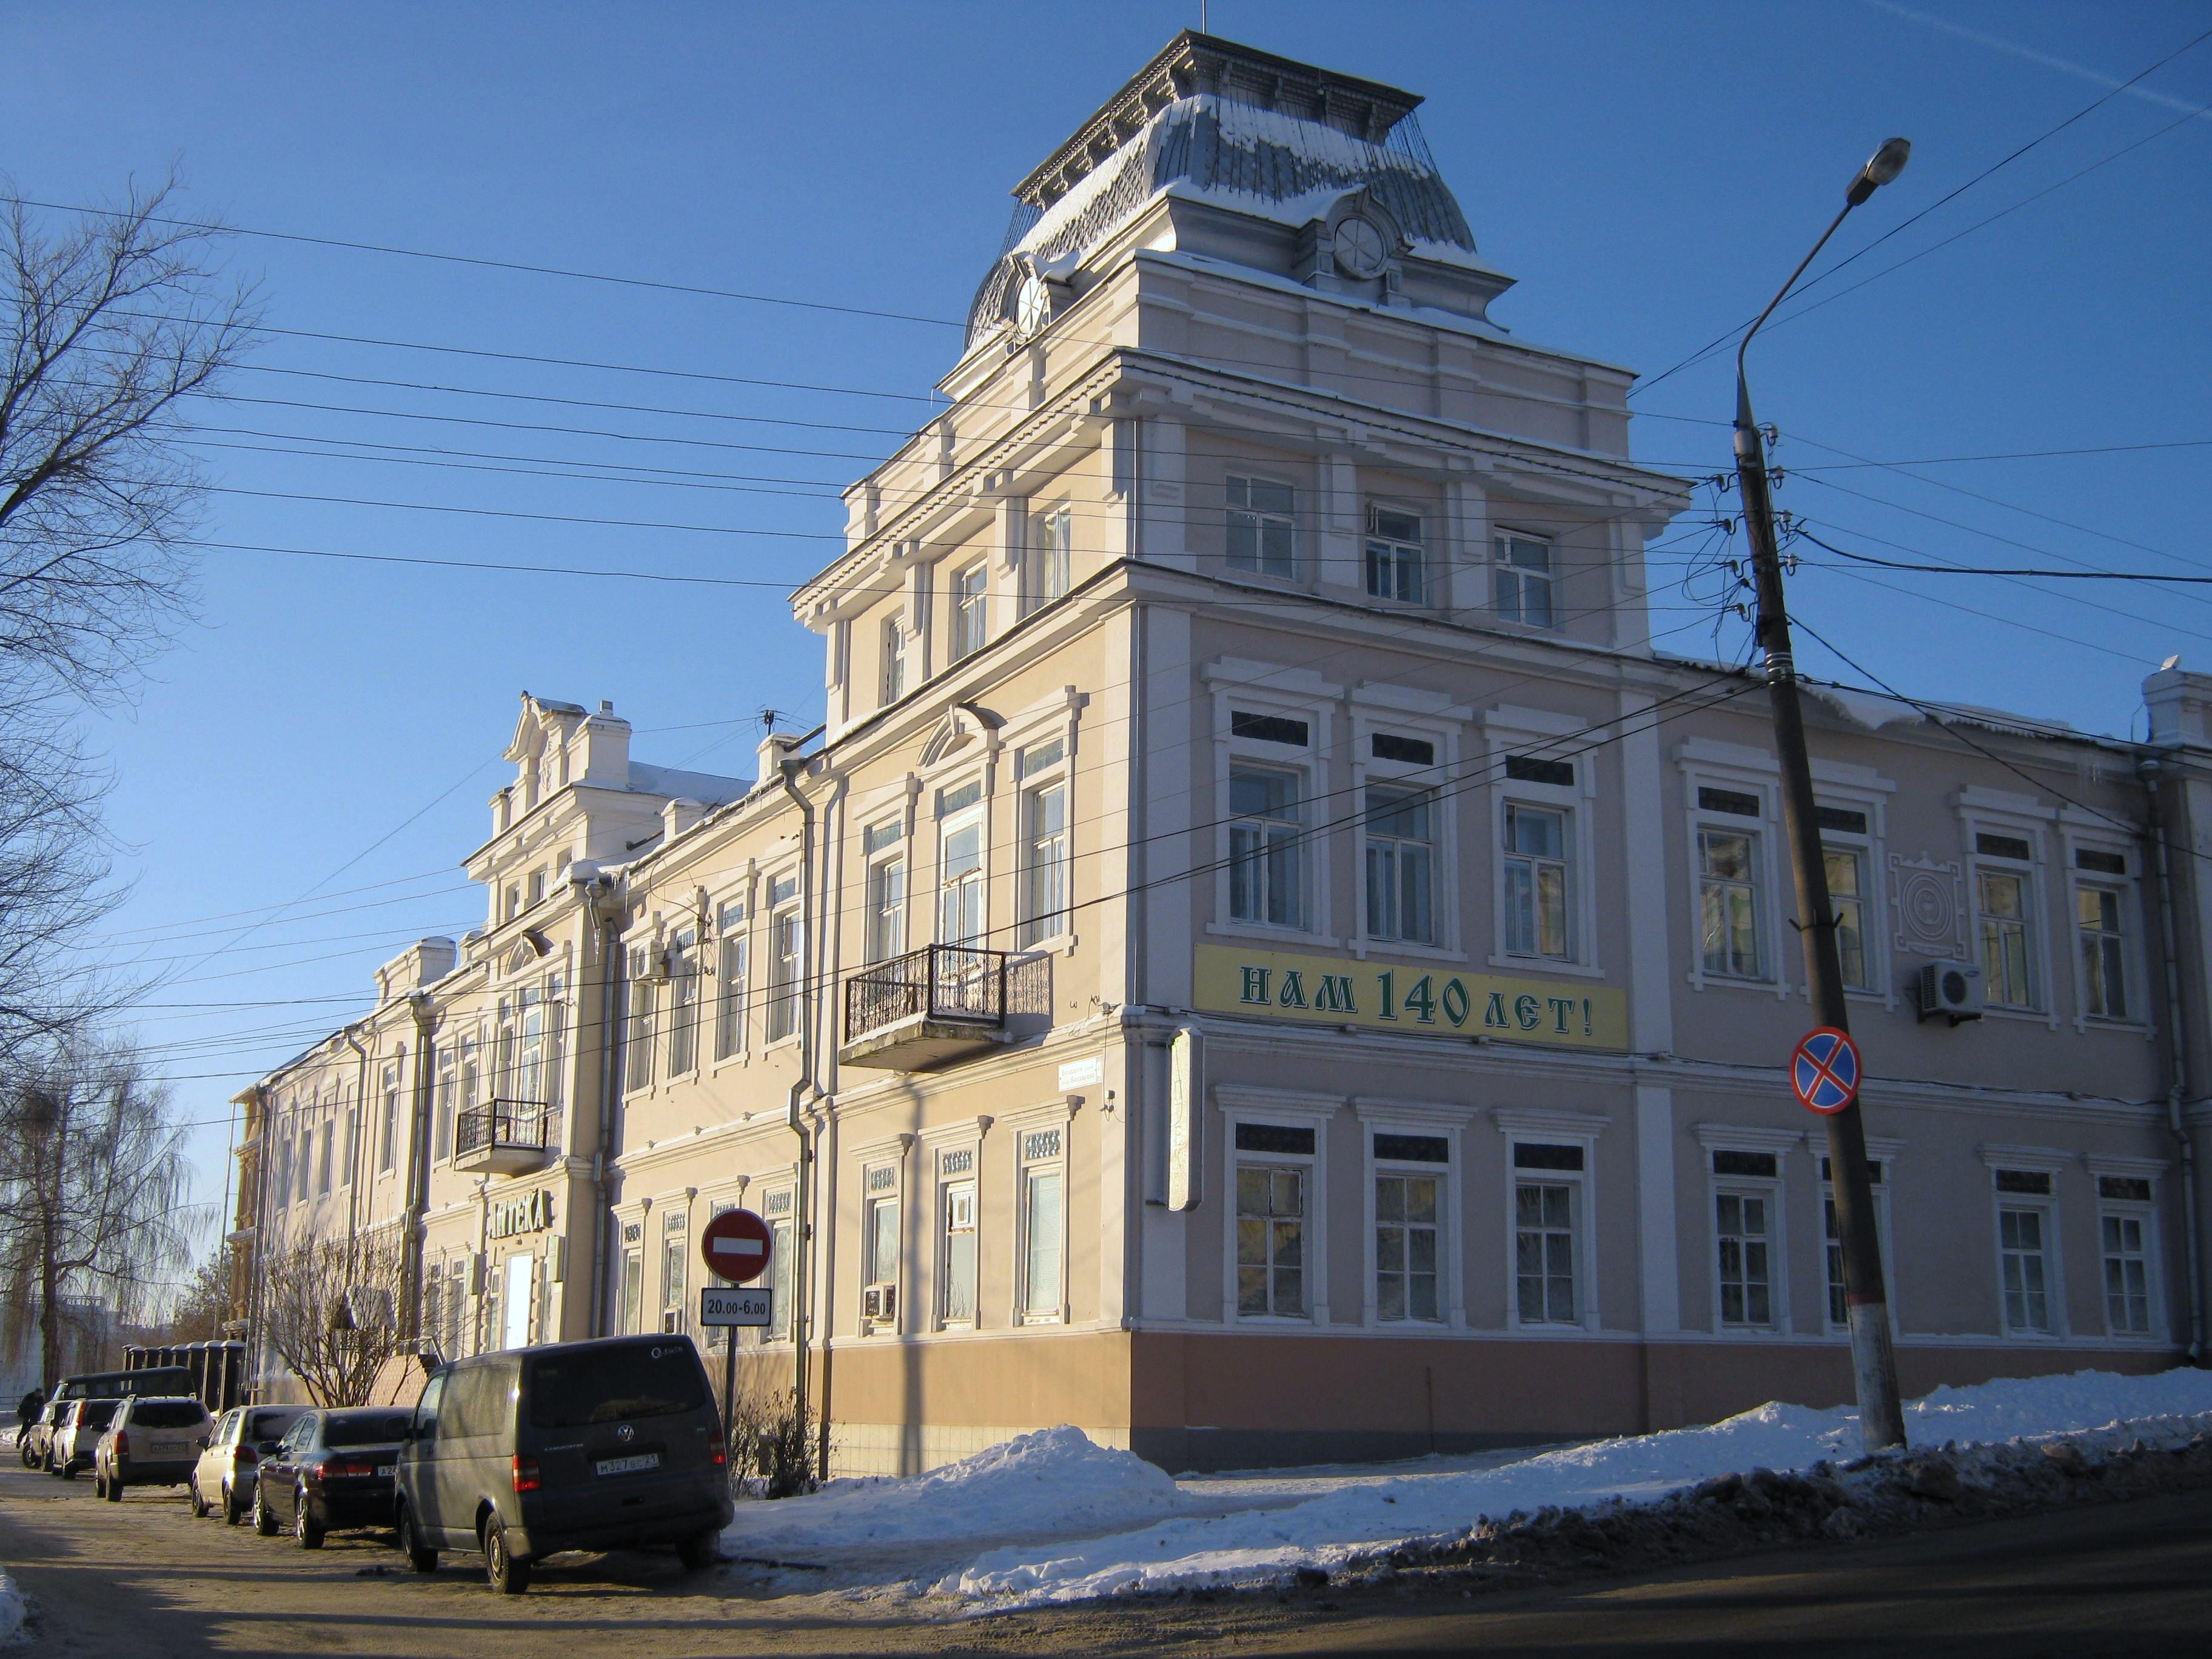 Озонотерапия Улица Гончарова Чебоксары лазерная эпиляция одесса цены